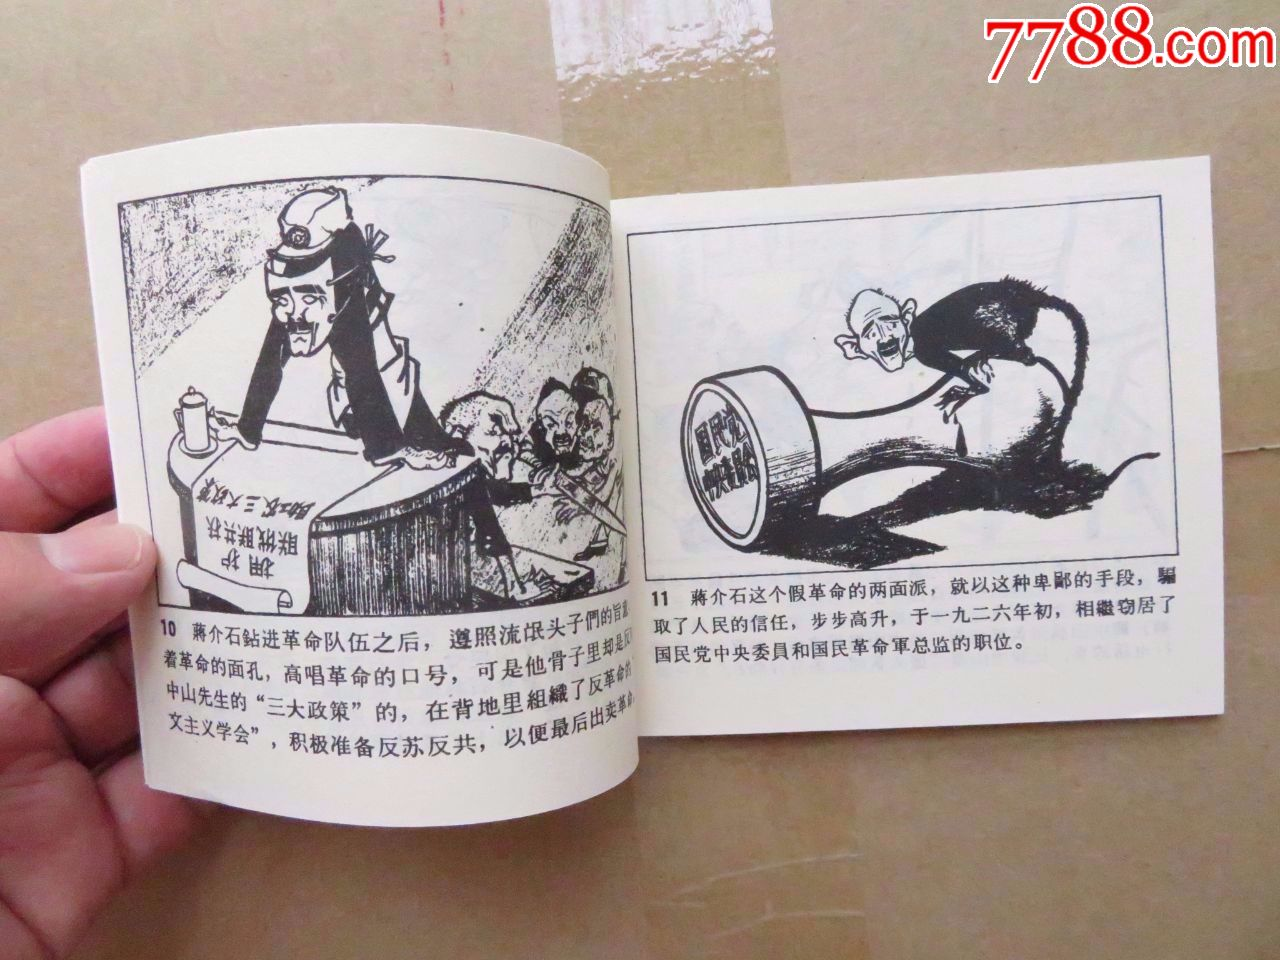 仿版,,人民公敌蒋介石_价格15元_第4张_